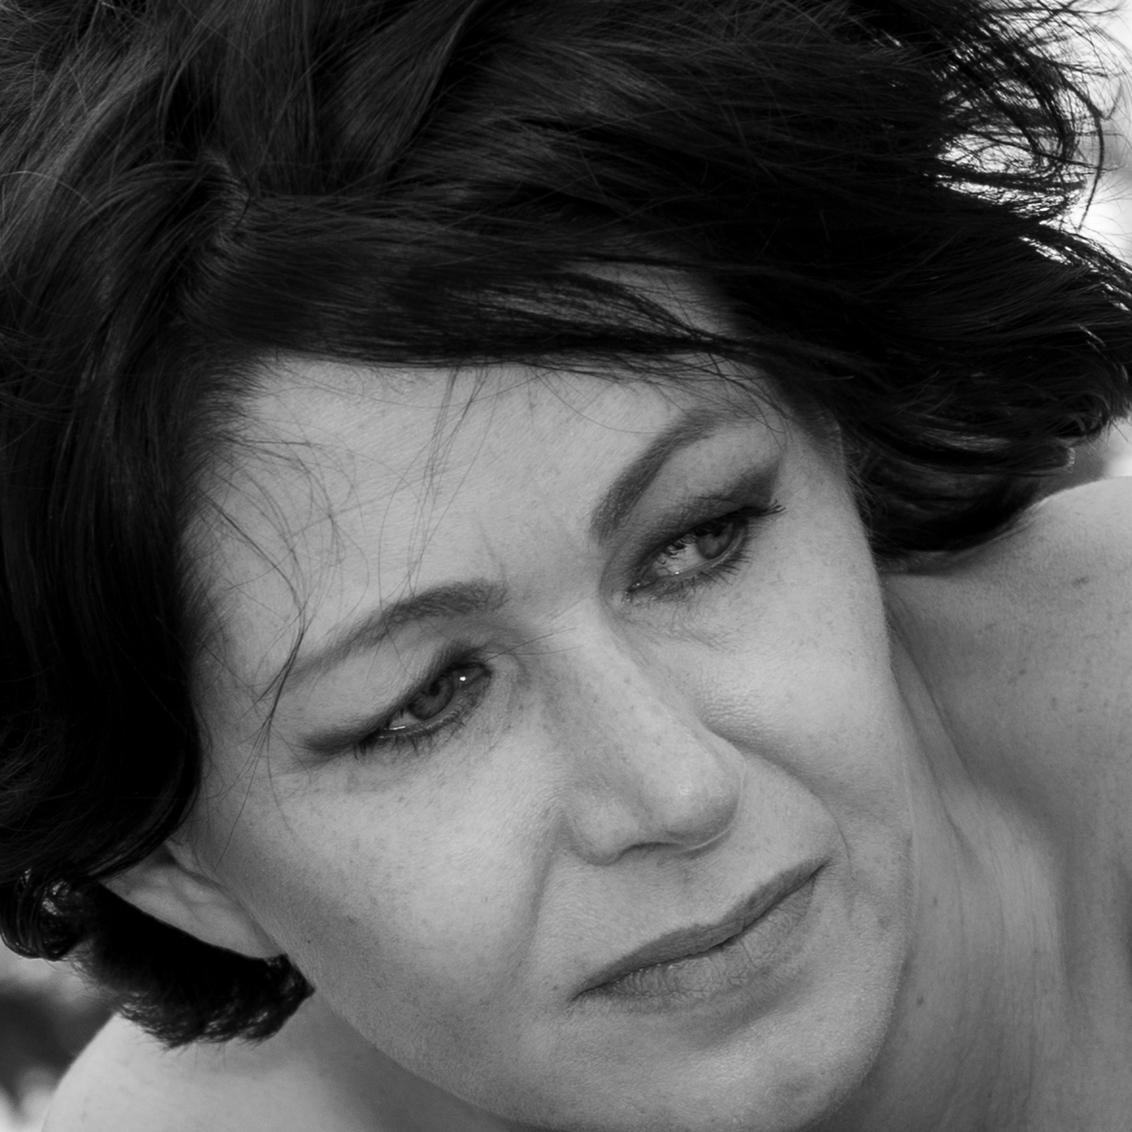 Make up your mind - Uit de serie portretten - foto door oostindienjp op 23-06-2019 - deze foto bevat: portret, portrait, zw, intiem, closeup, samenwerking, verbonden, vertrouwen, ella, connected